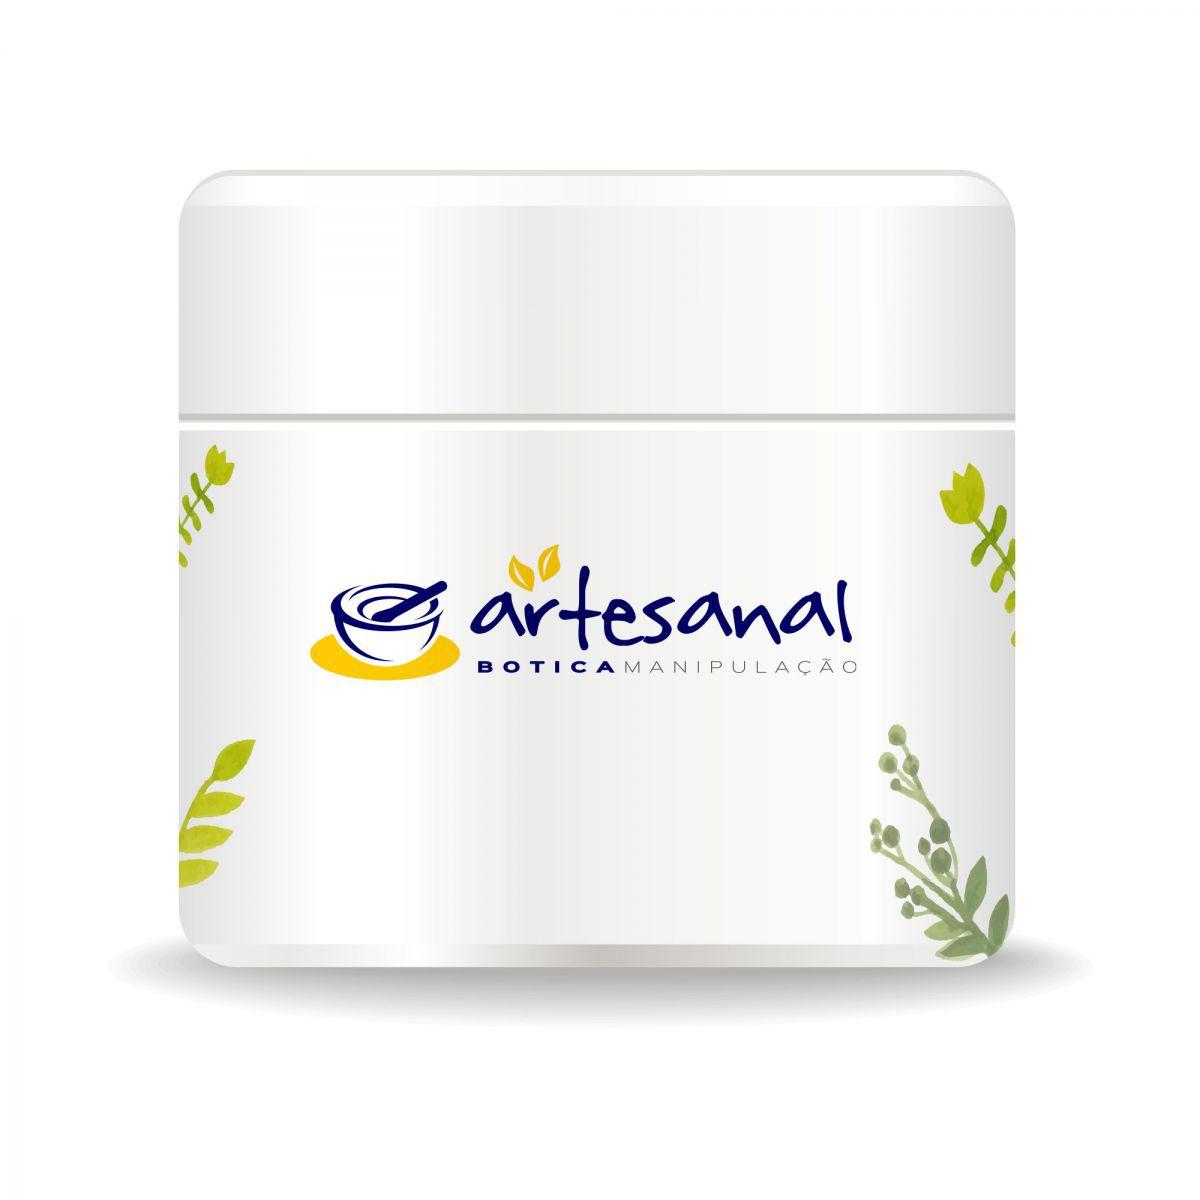 Hidratante Labial com Cera de abelha, Manteiga de Manga e Karité - 15g - Artesanal Botica